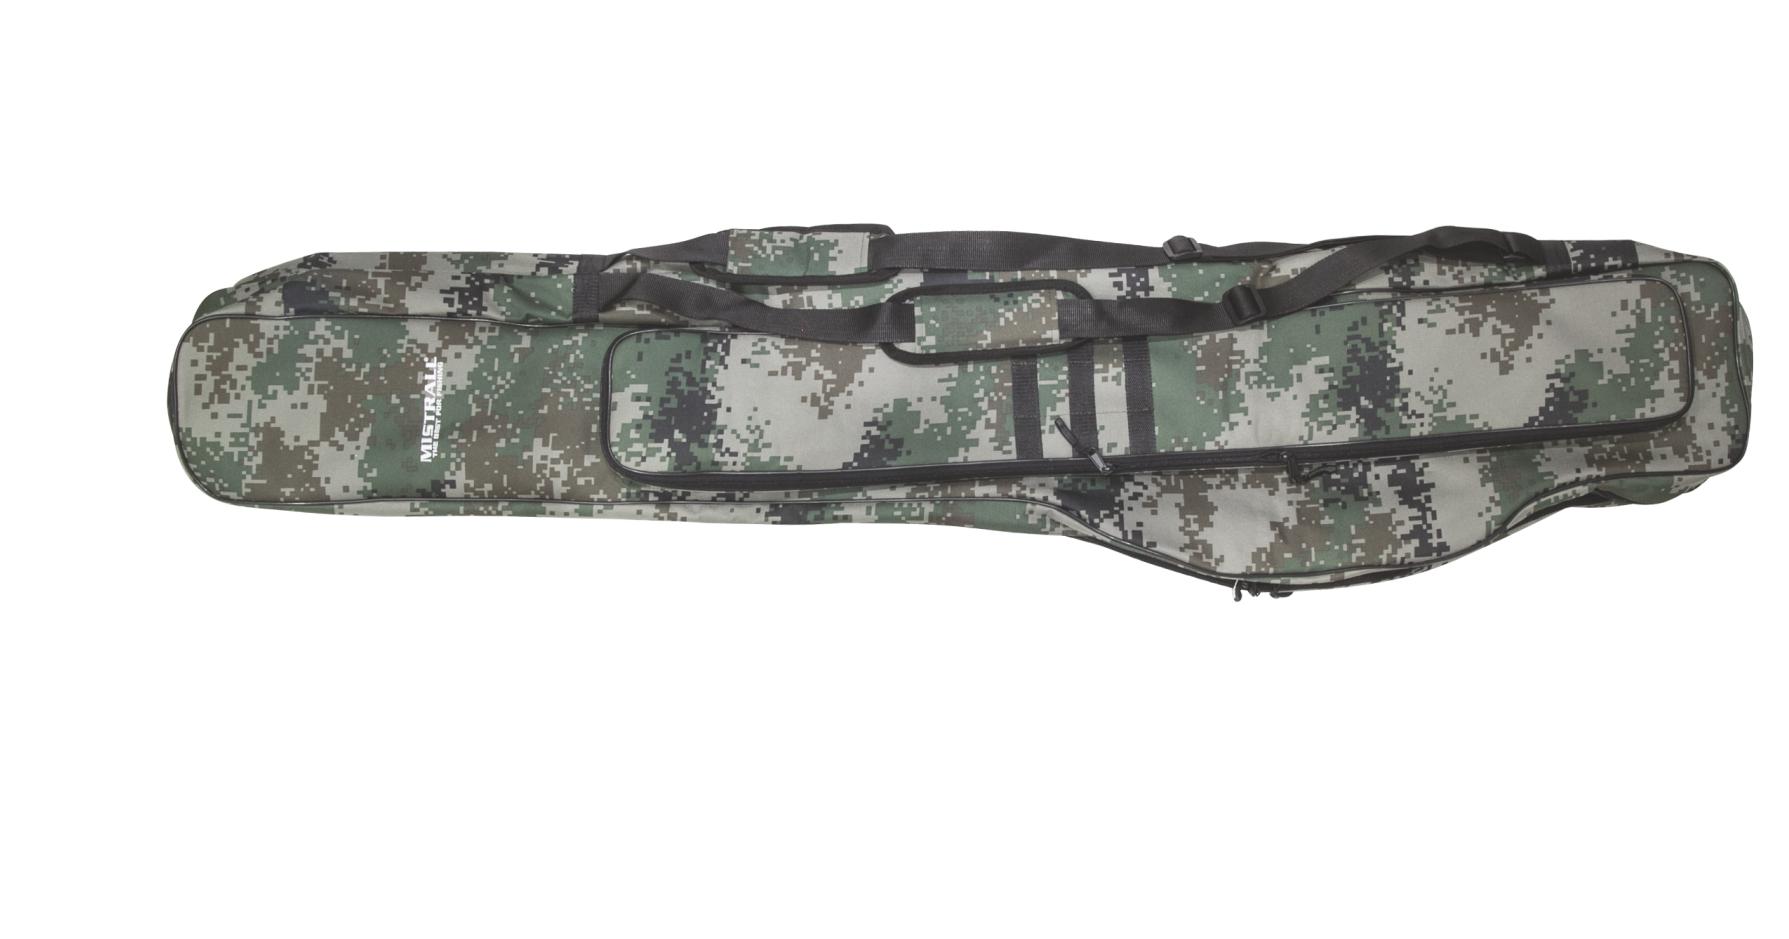 Mistrall brašna na pruty, 2 komory, 155 cm, maskáč